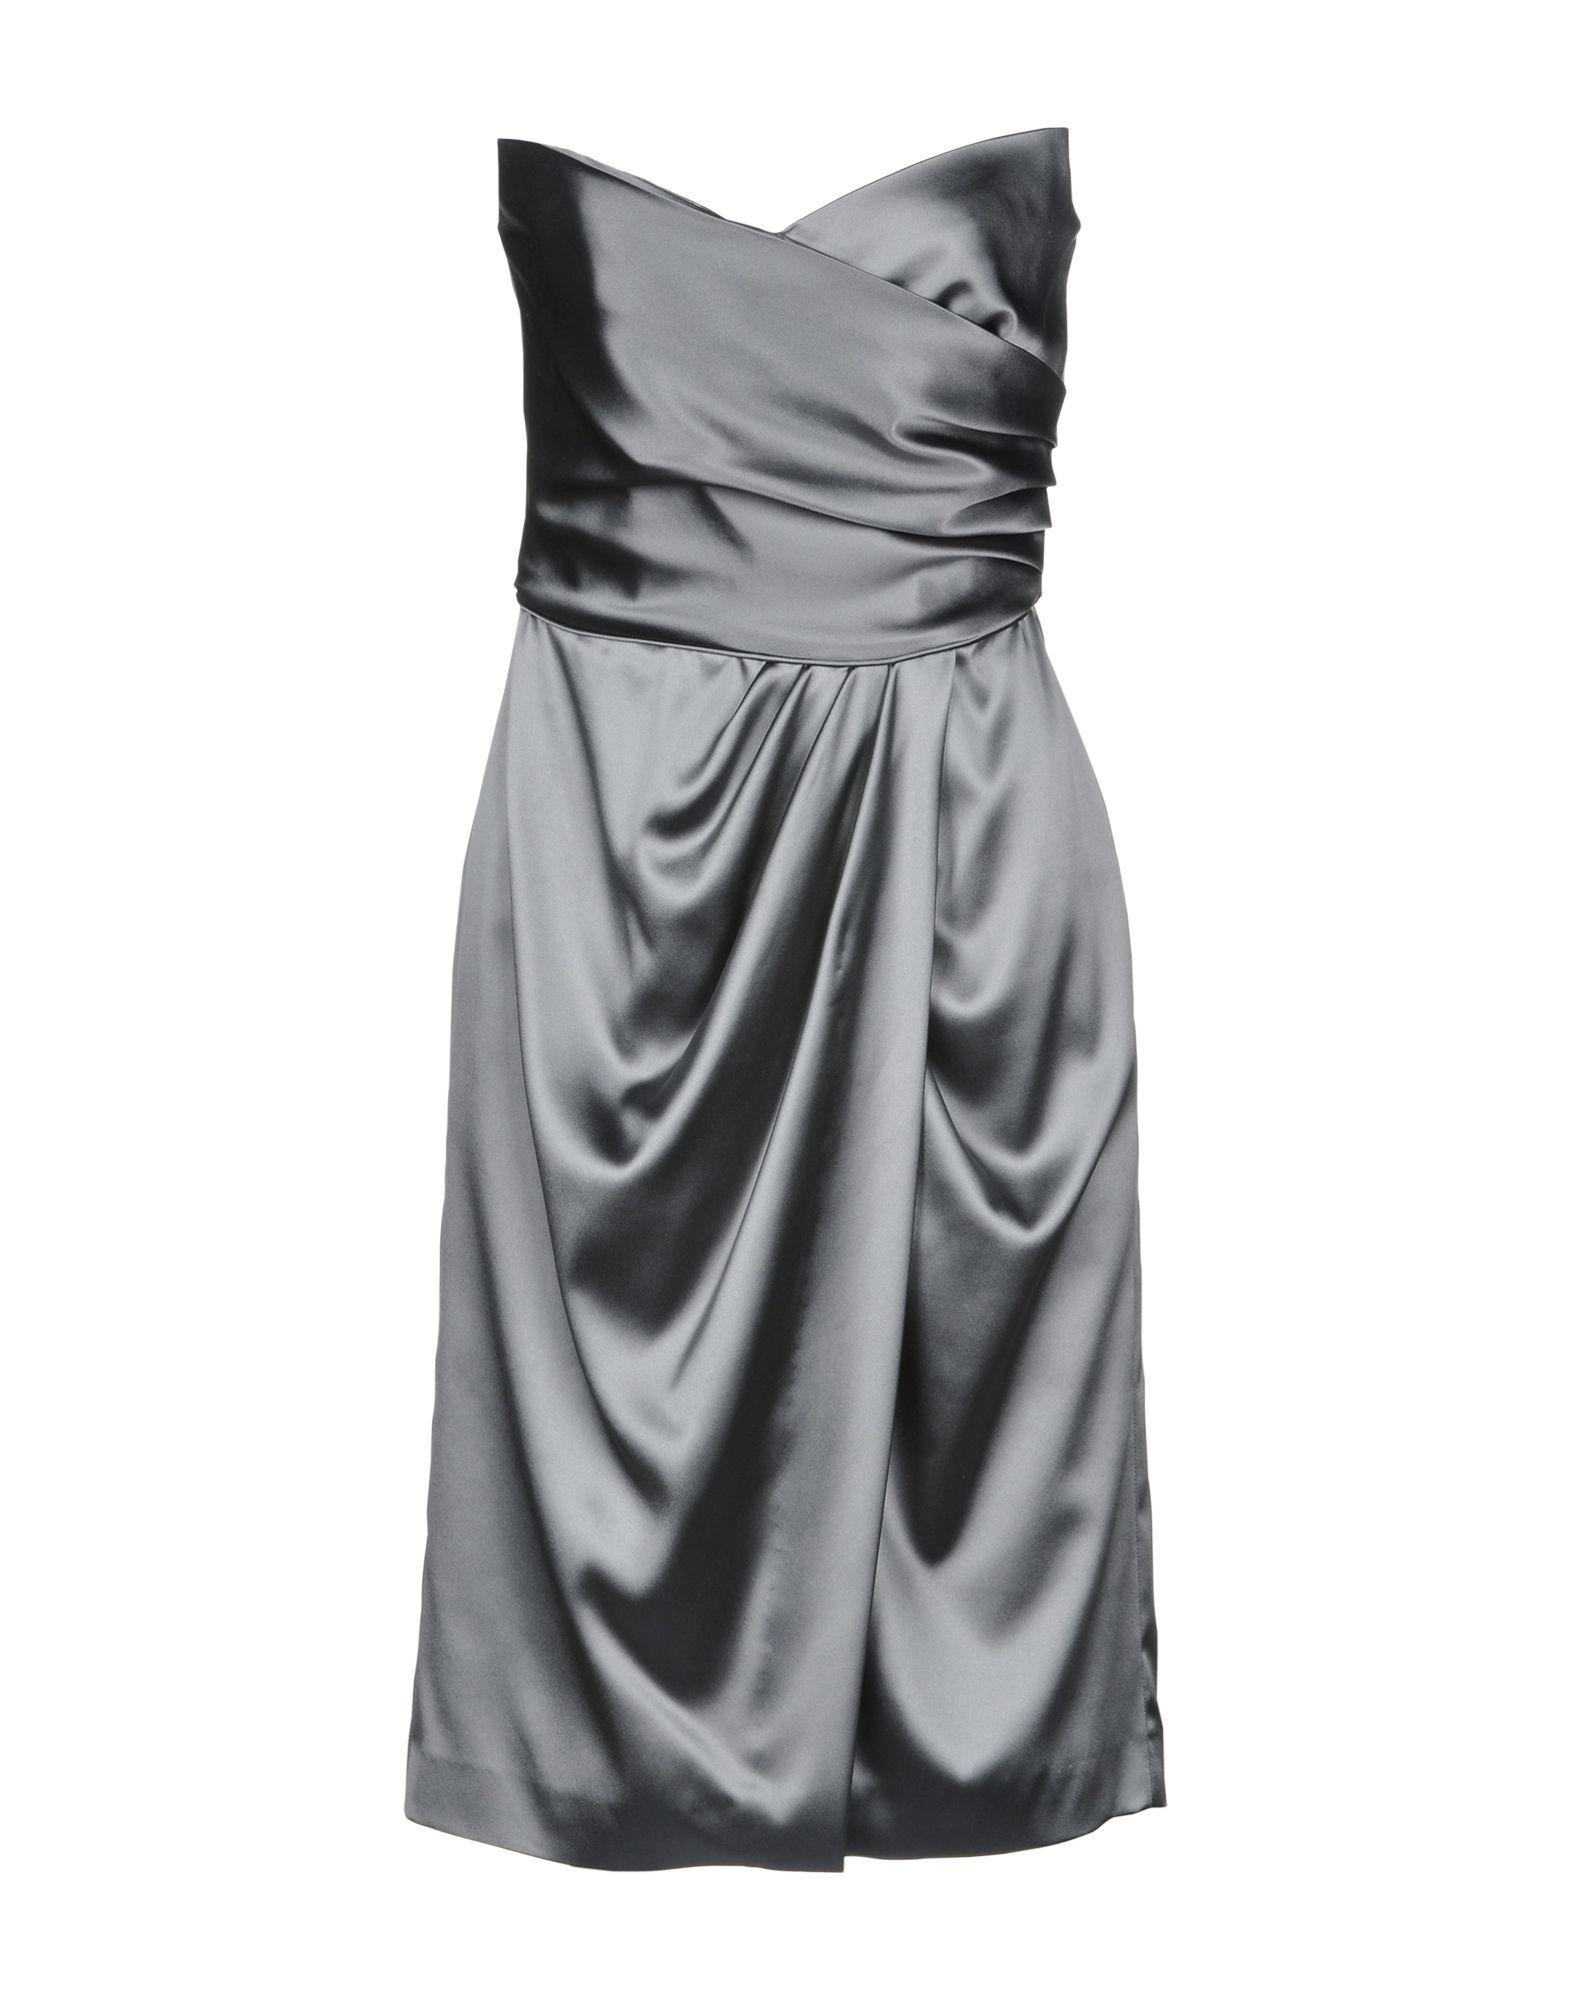 dbb5b076b63e1 Lyst - Alberta Ferretti Short Dress in Gray